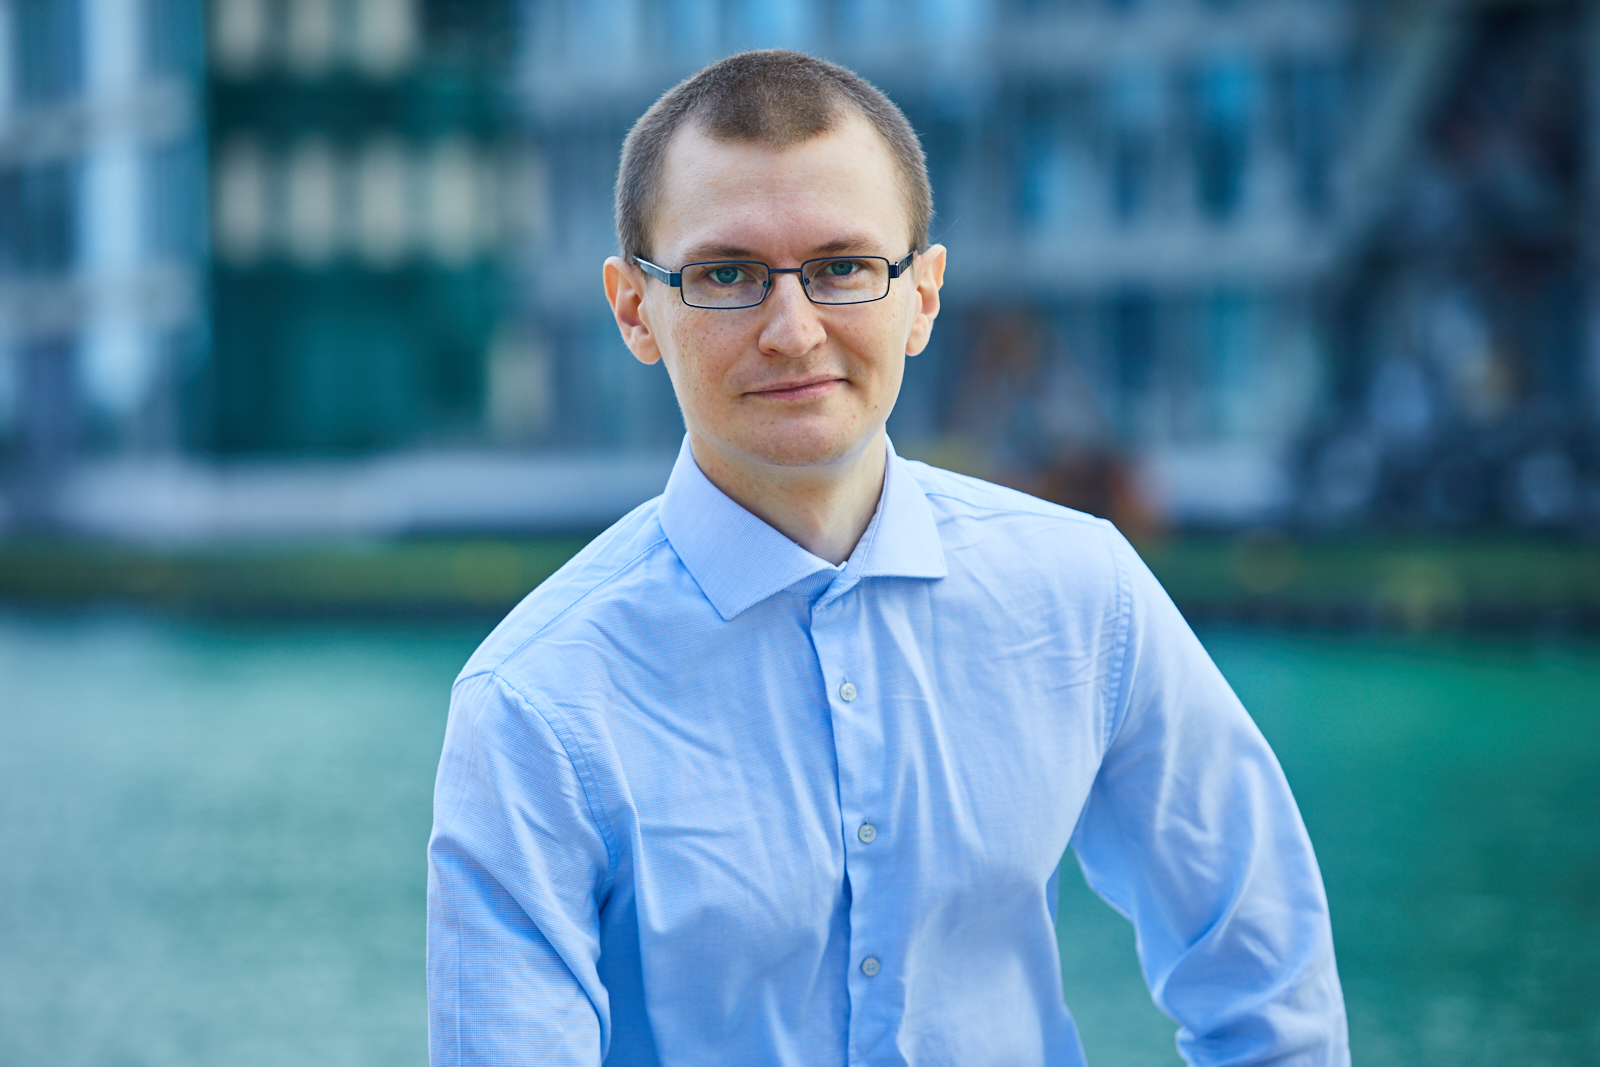 Grigory Zarubin